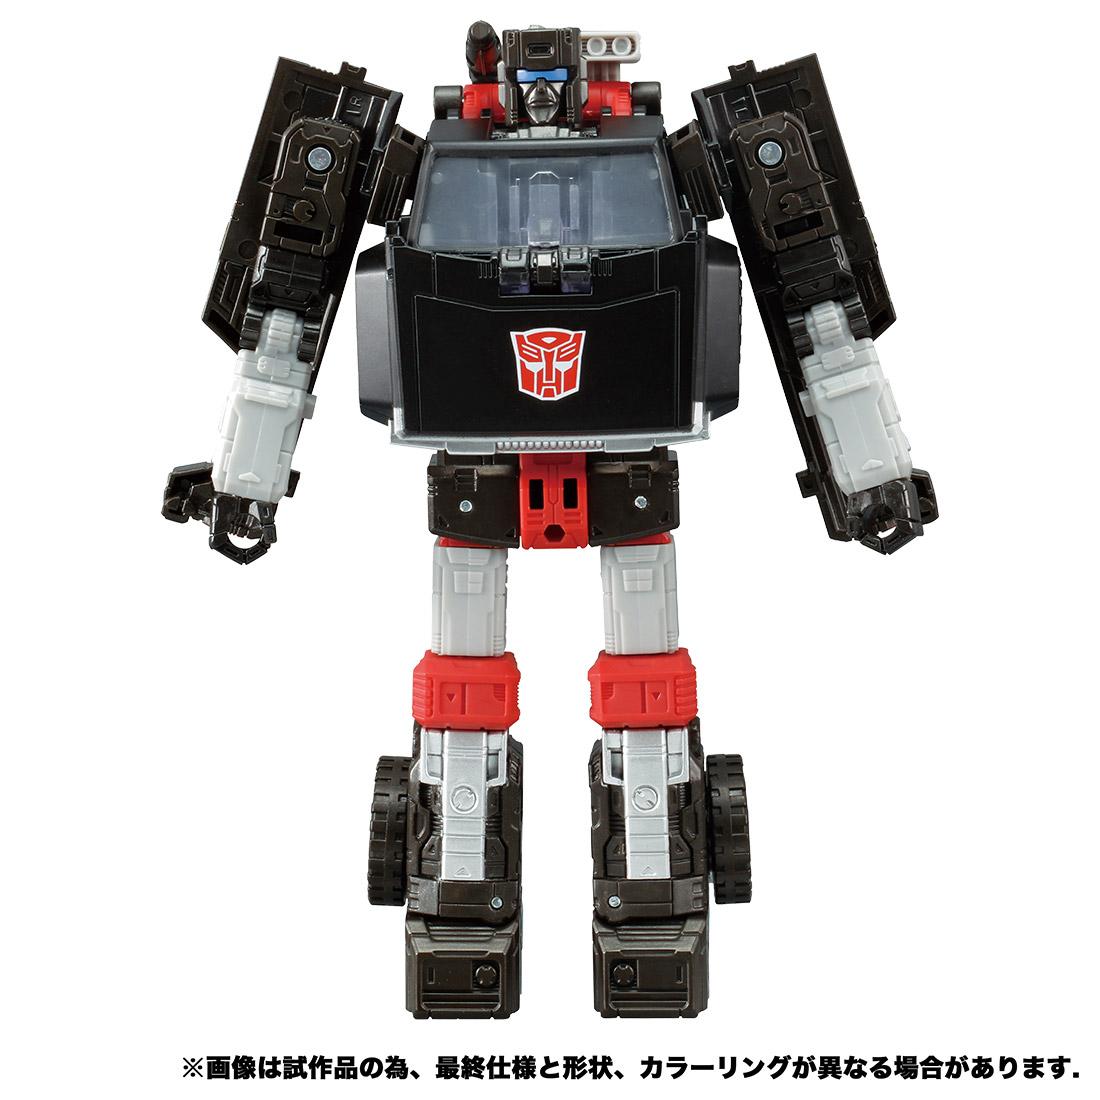 【限定販売】トランスフォーマー アースライズ『ER EX-13 トレイルブレイカー』可変可動フィギュア-003